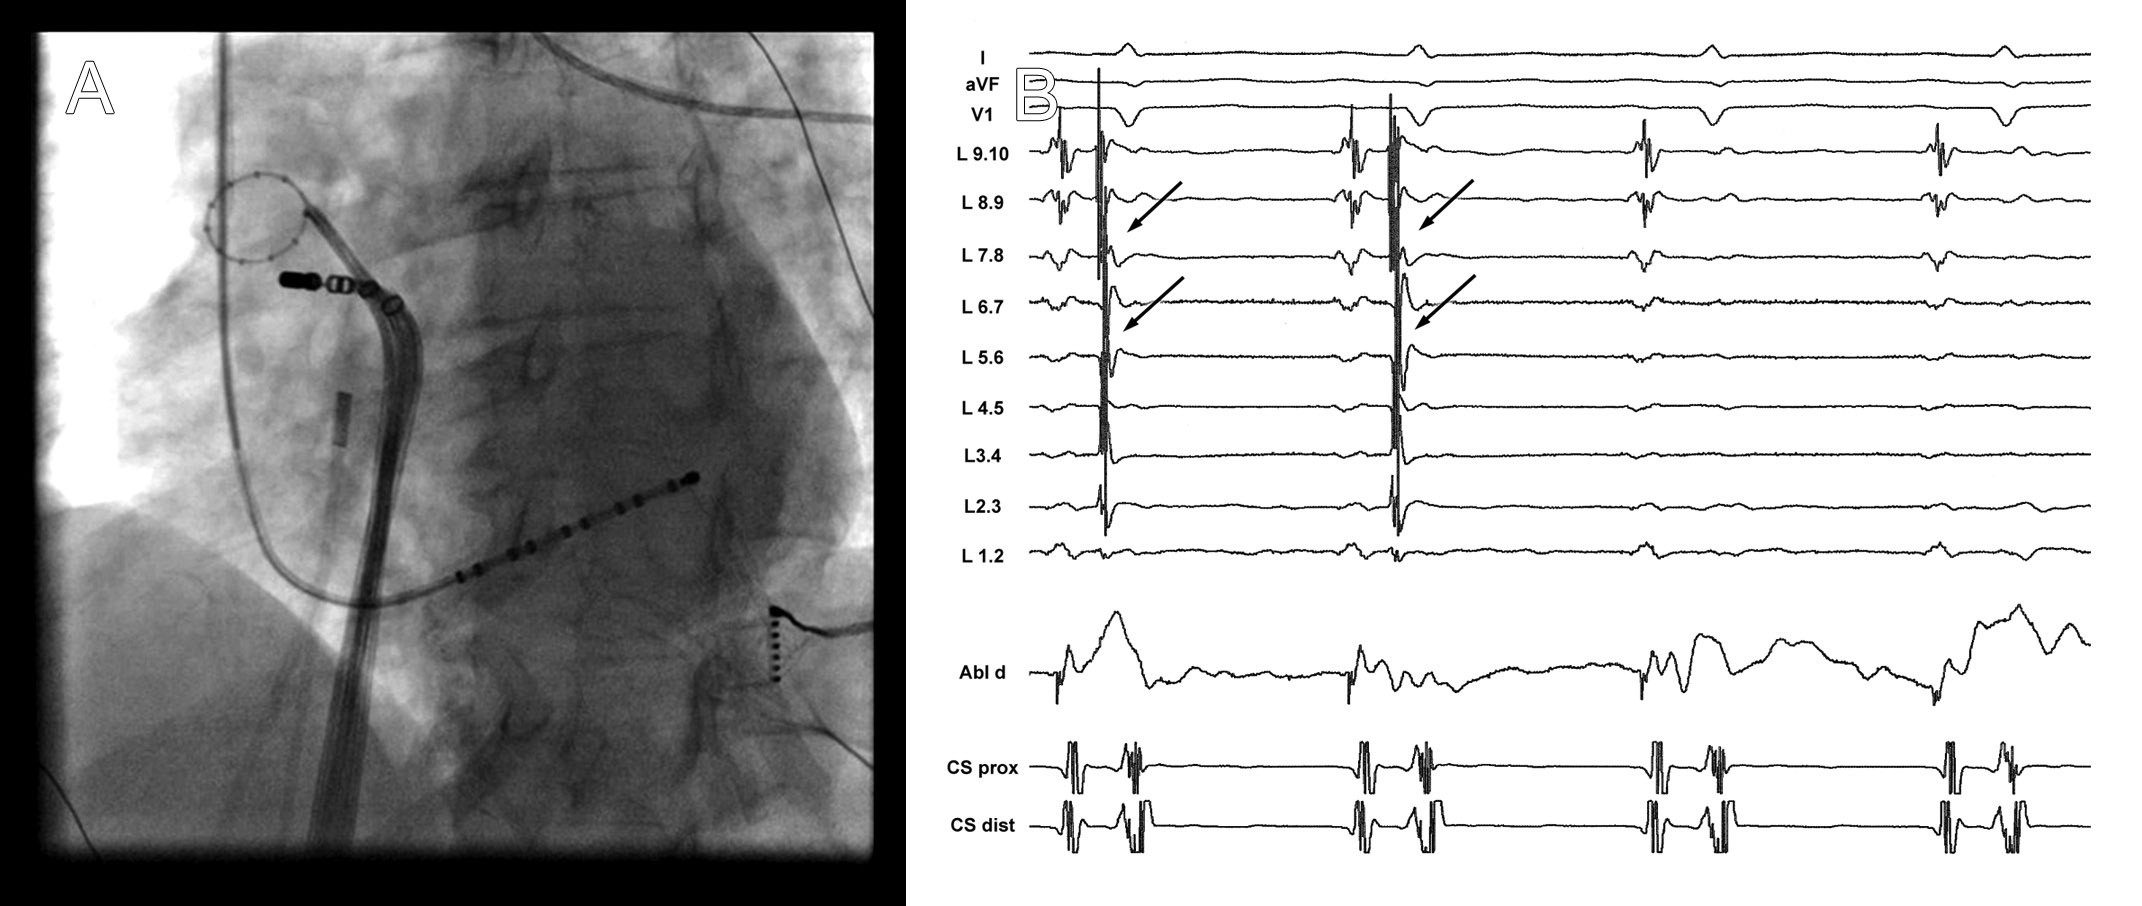 A. Rentgenogram zachycující cirkulární katétr (Lasso) v pravé horní plicní žíle a ablační katétr u jejího ostia. V dolní části obrázku je multipolární katétr zavedený v koronárním sinu. B. Elektrogramy v okamžiku dosažení elektrické izolace plicní žíly. V záznamech z cirkulárního katétru umístěného v plicní žíle je v prvních dvou stazích přítomna elektrická aktivita (šipka), která následně po izolaci vymizí.